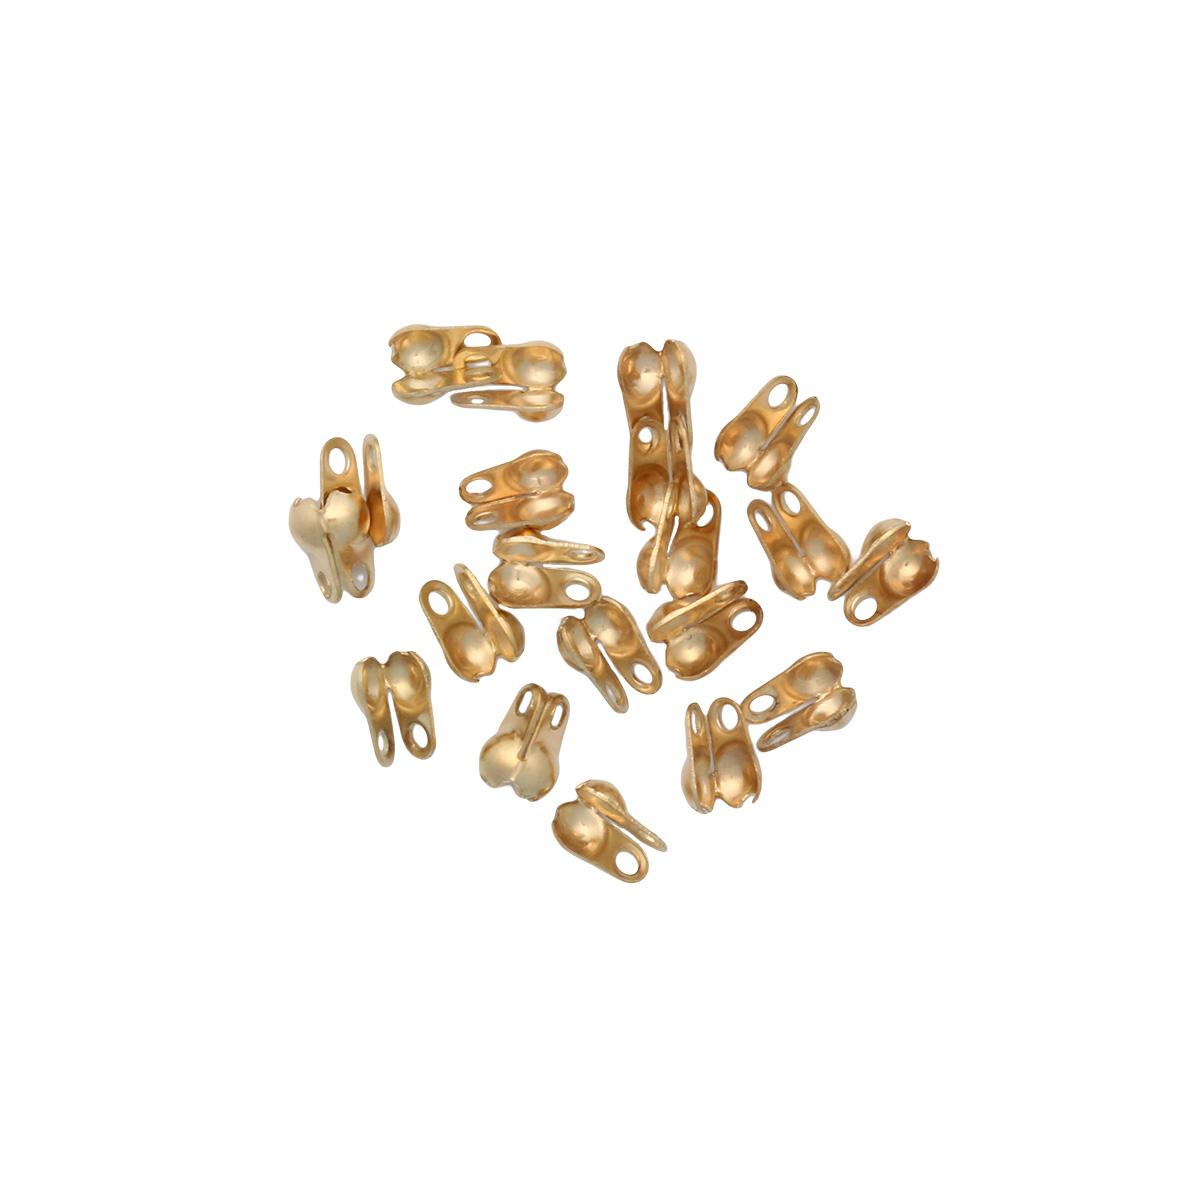 4AR220 Зажим для узла 2,4мм, 20/упак, Астра (Золото)